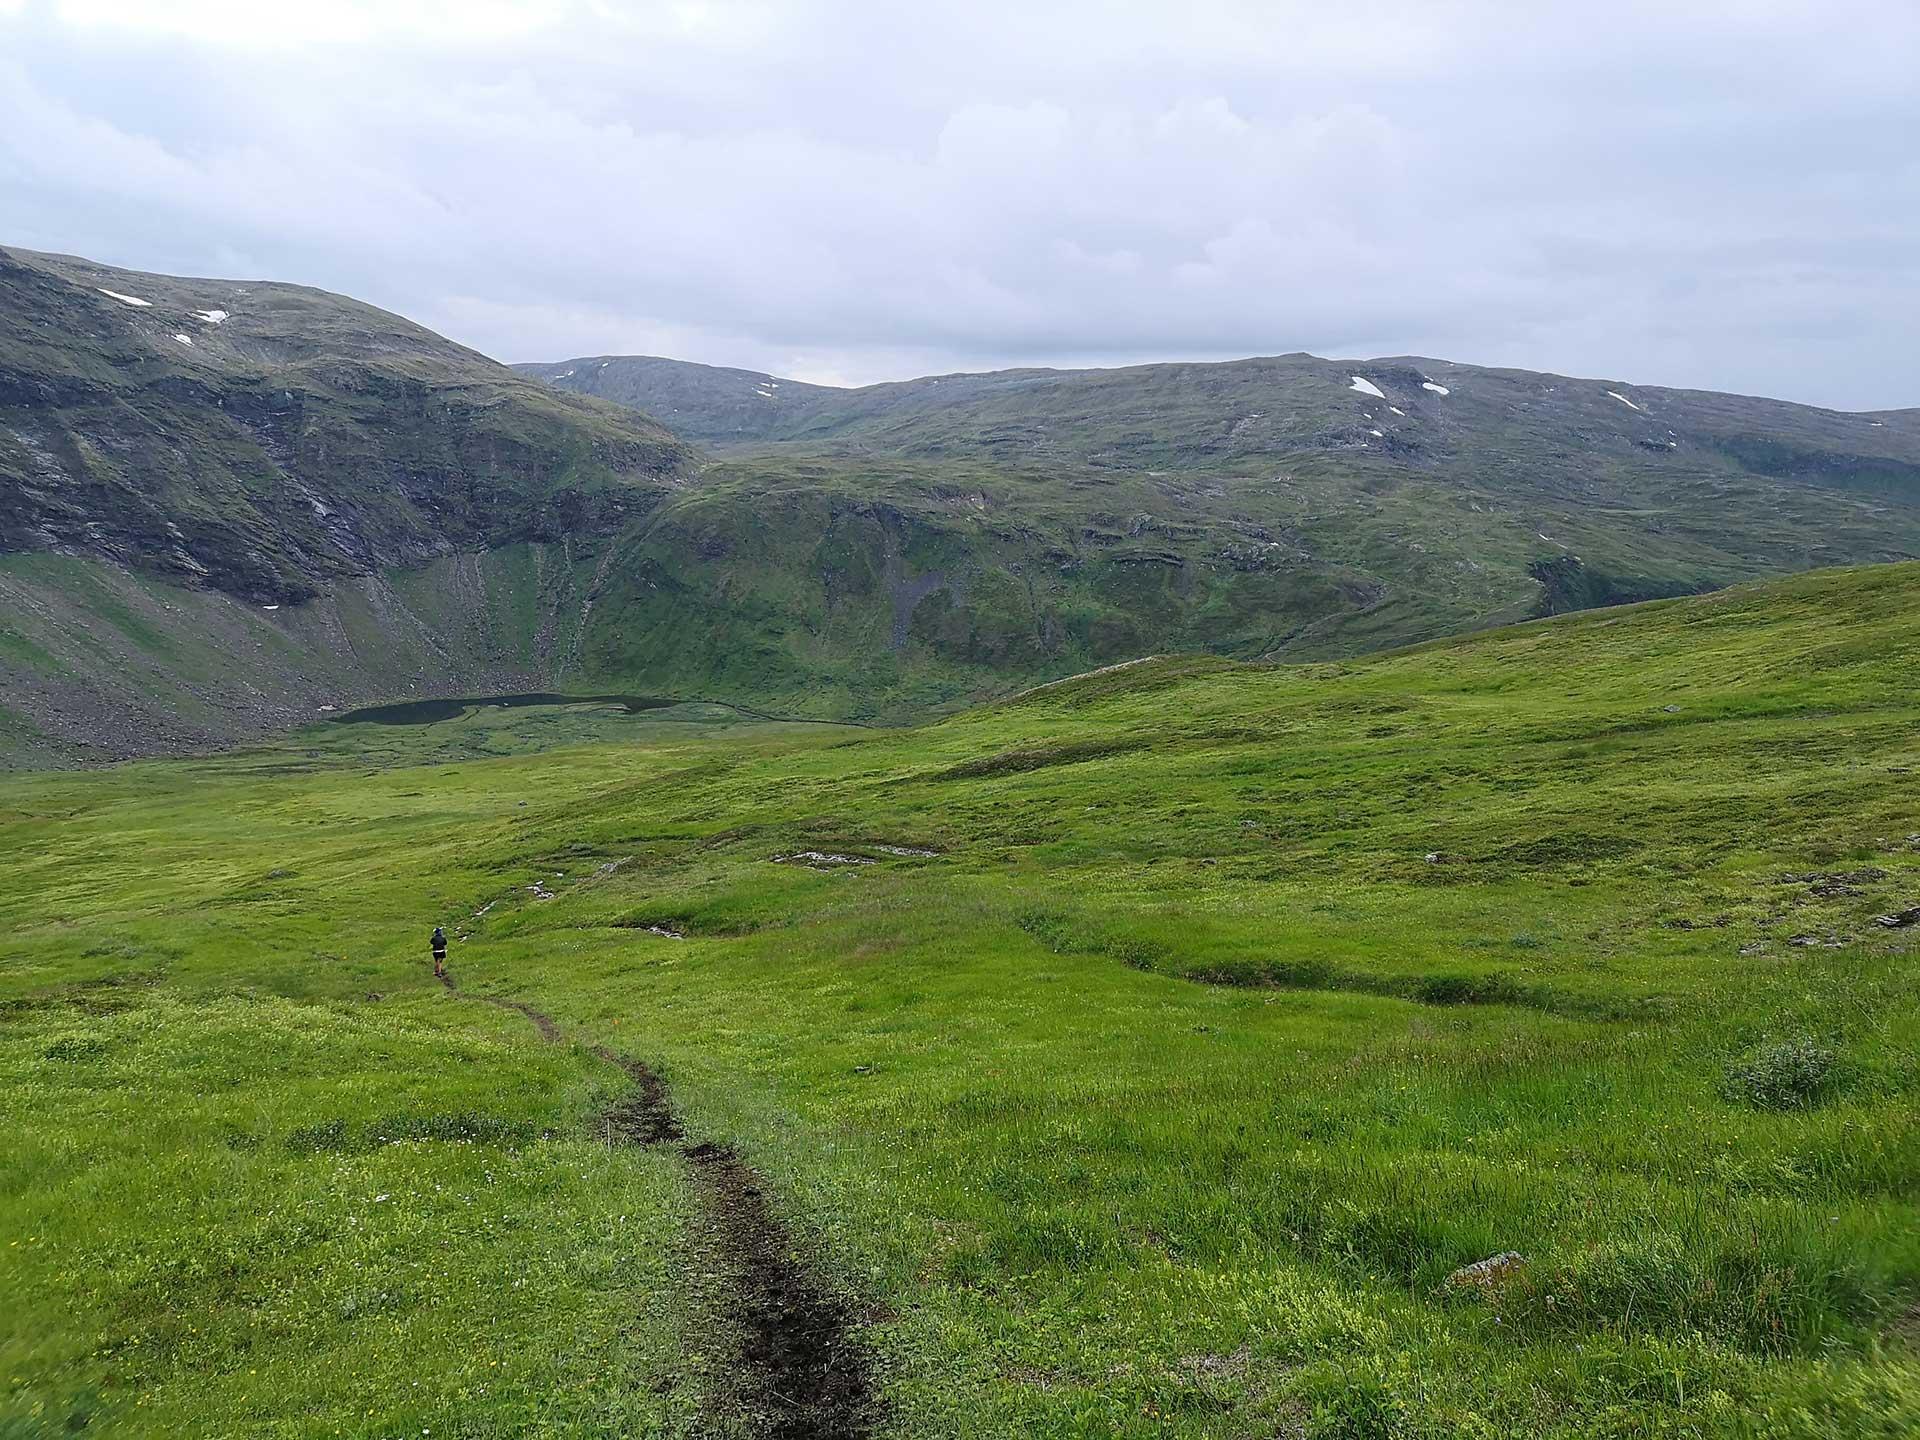 Etter den bratte nedstigningen fra Tromsdalstind kommer et fantastisk stiparti som du ser her. Du passerer også flere bekker med drikkevann. Vannet smaker himmelsk.